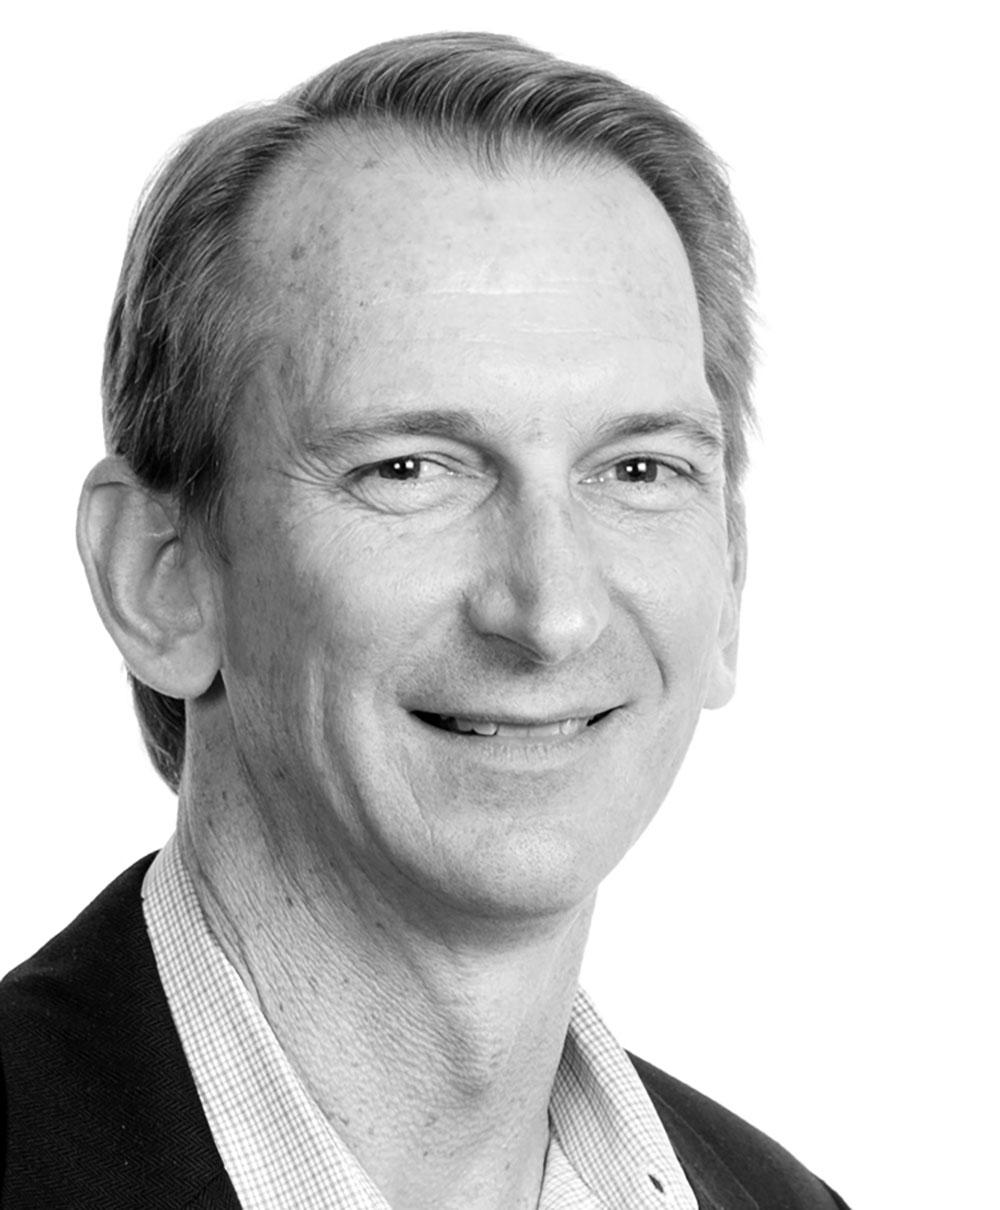 Headshot of Mark French